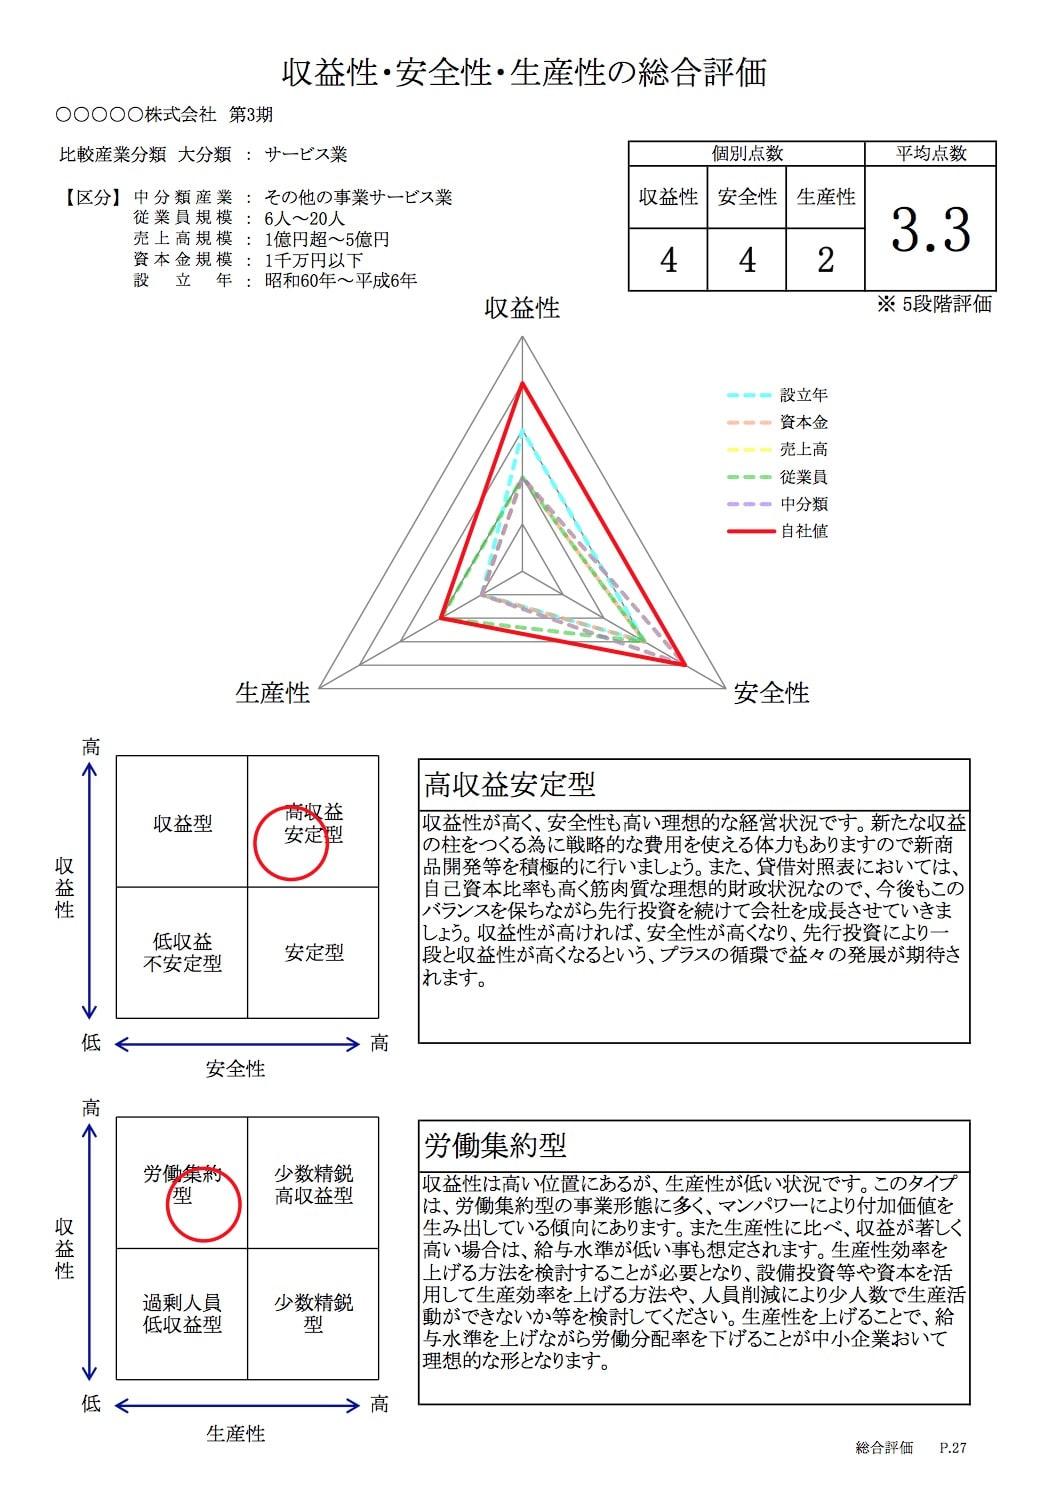 決算分析資料-1見本(PDF)